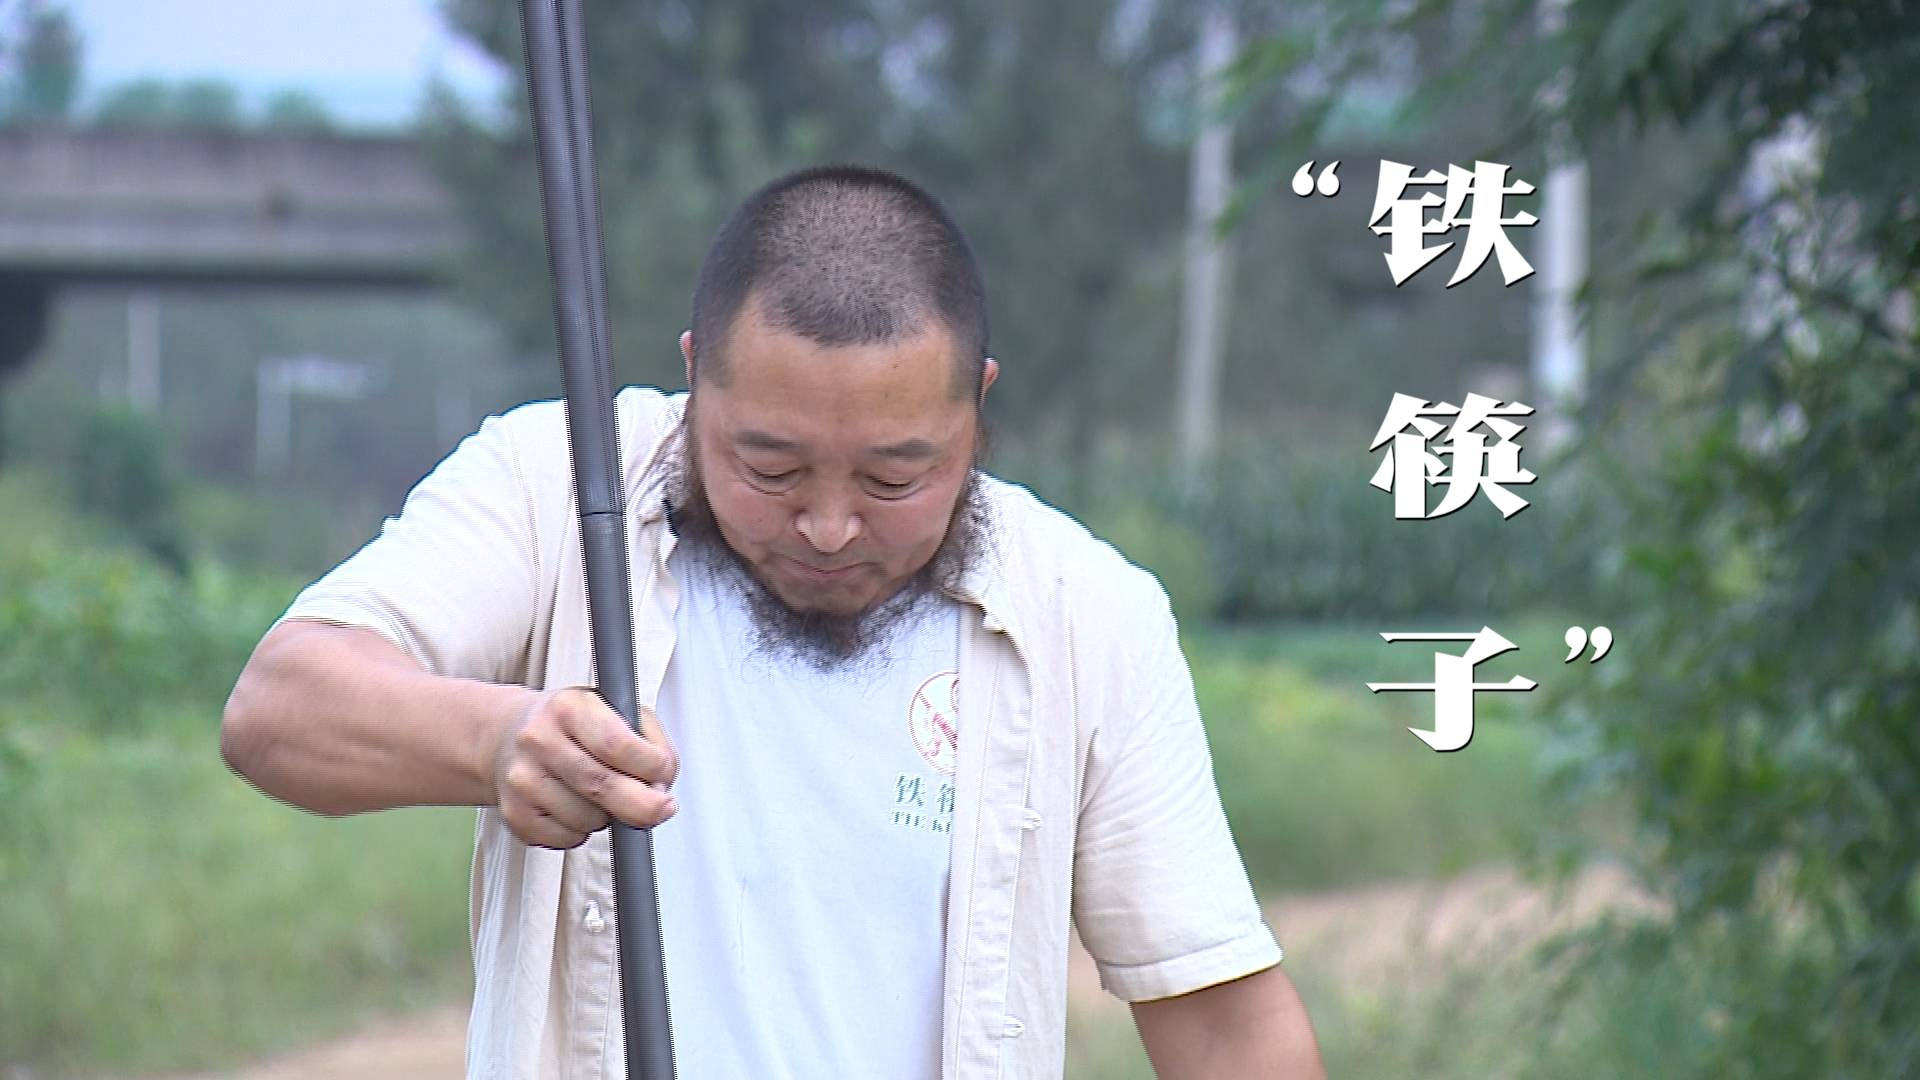 30斤的铁筷子夹生鸡蛋?日照有位农民用筷子创造了世界纪录